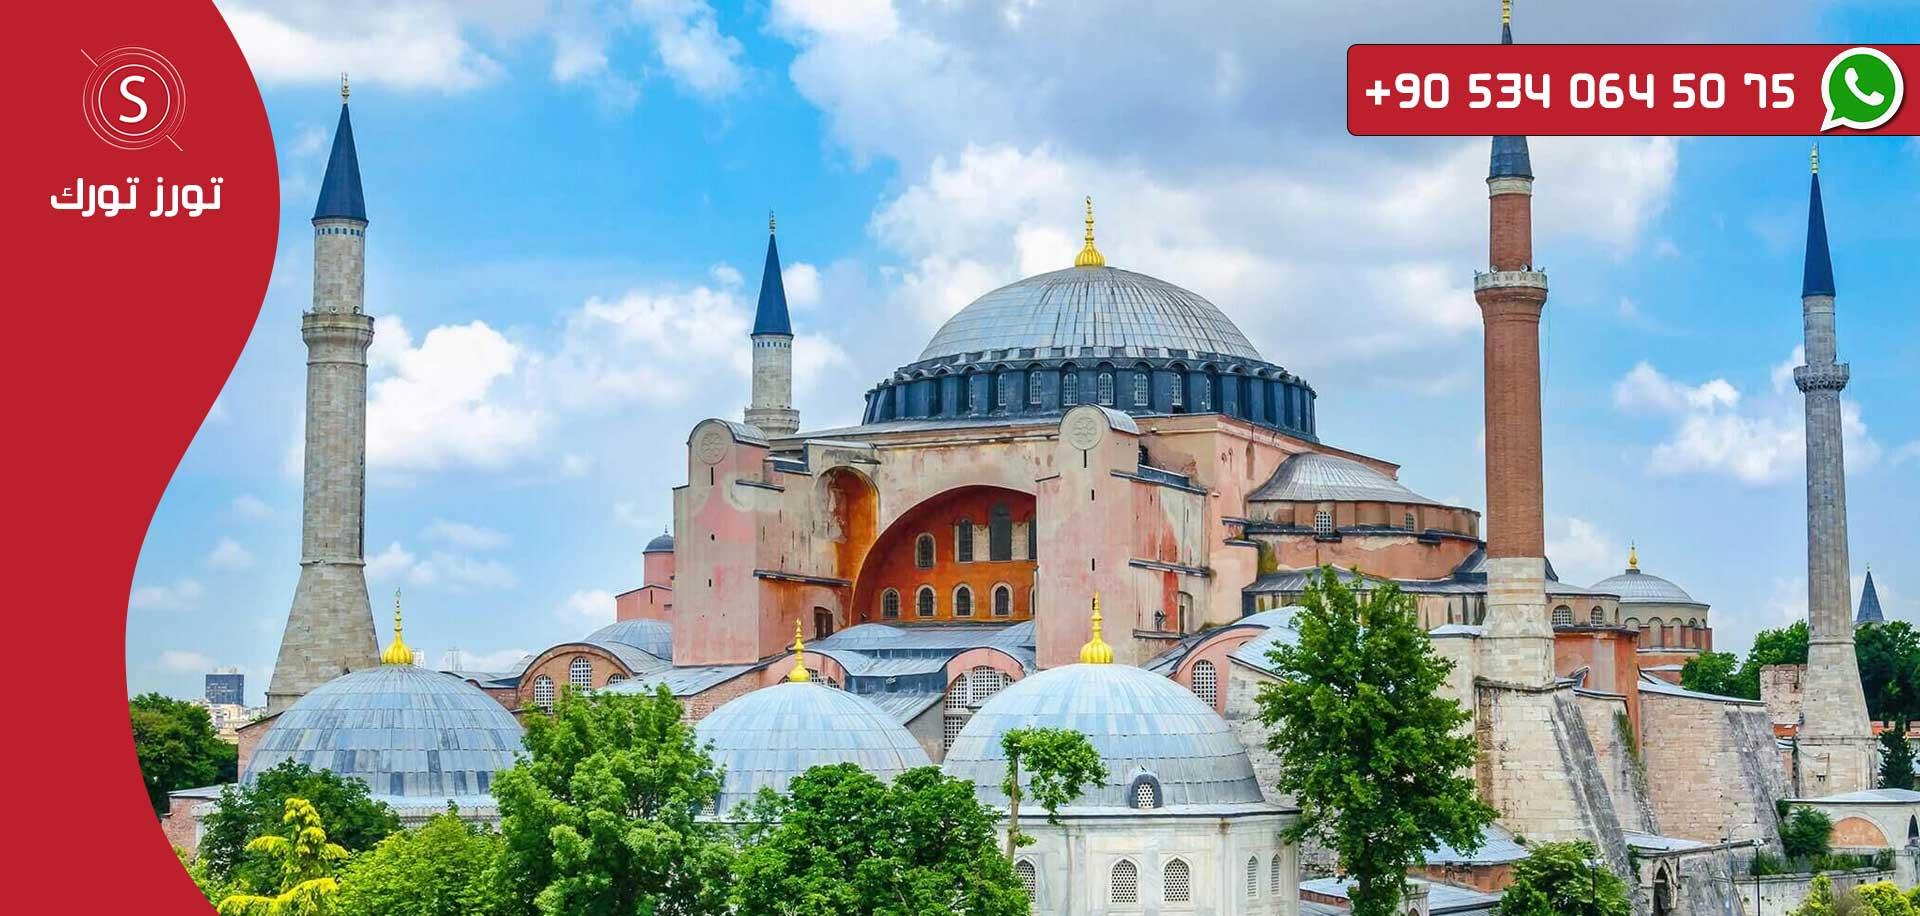 اماكن سياحية في اسطنبول اياصوفيا